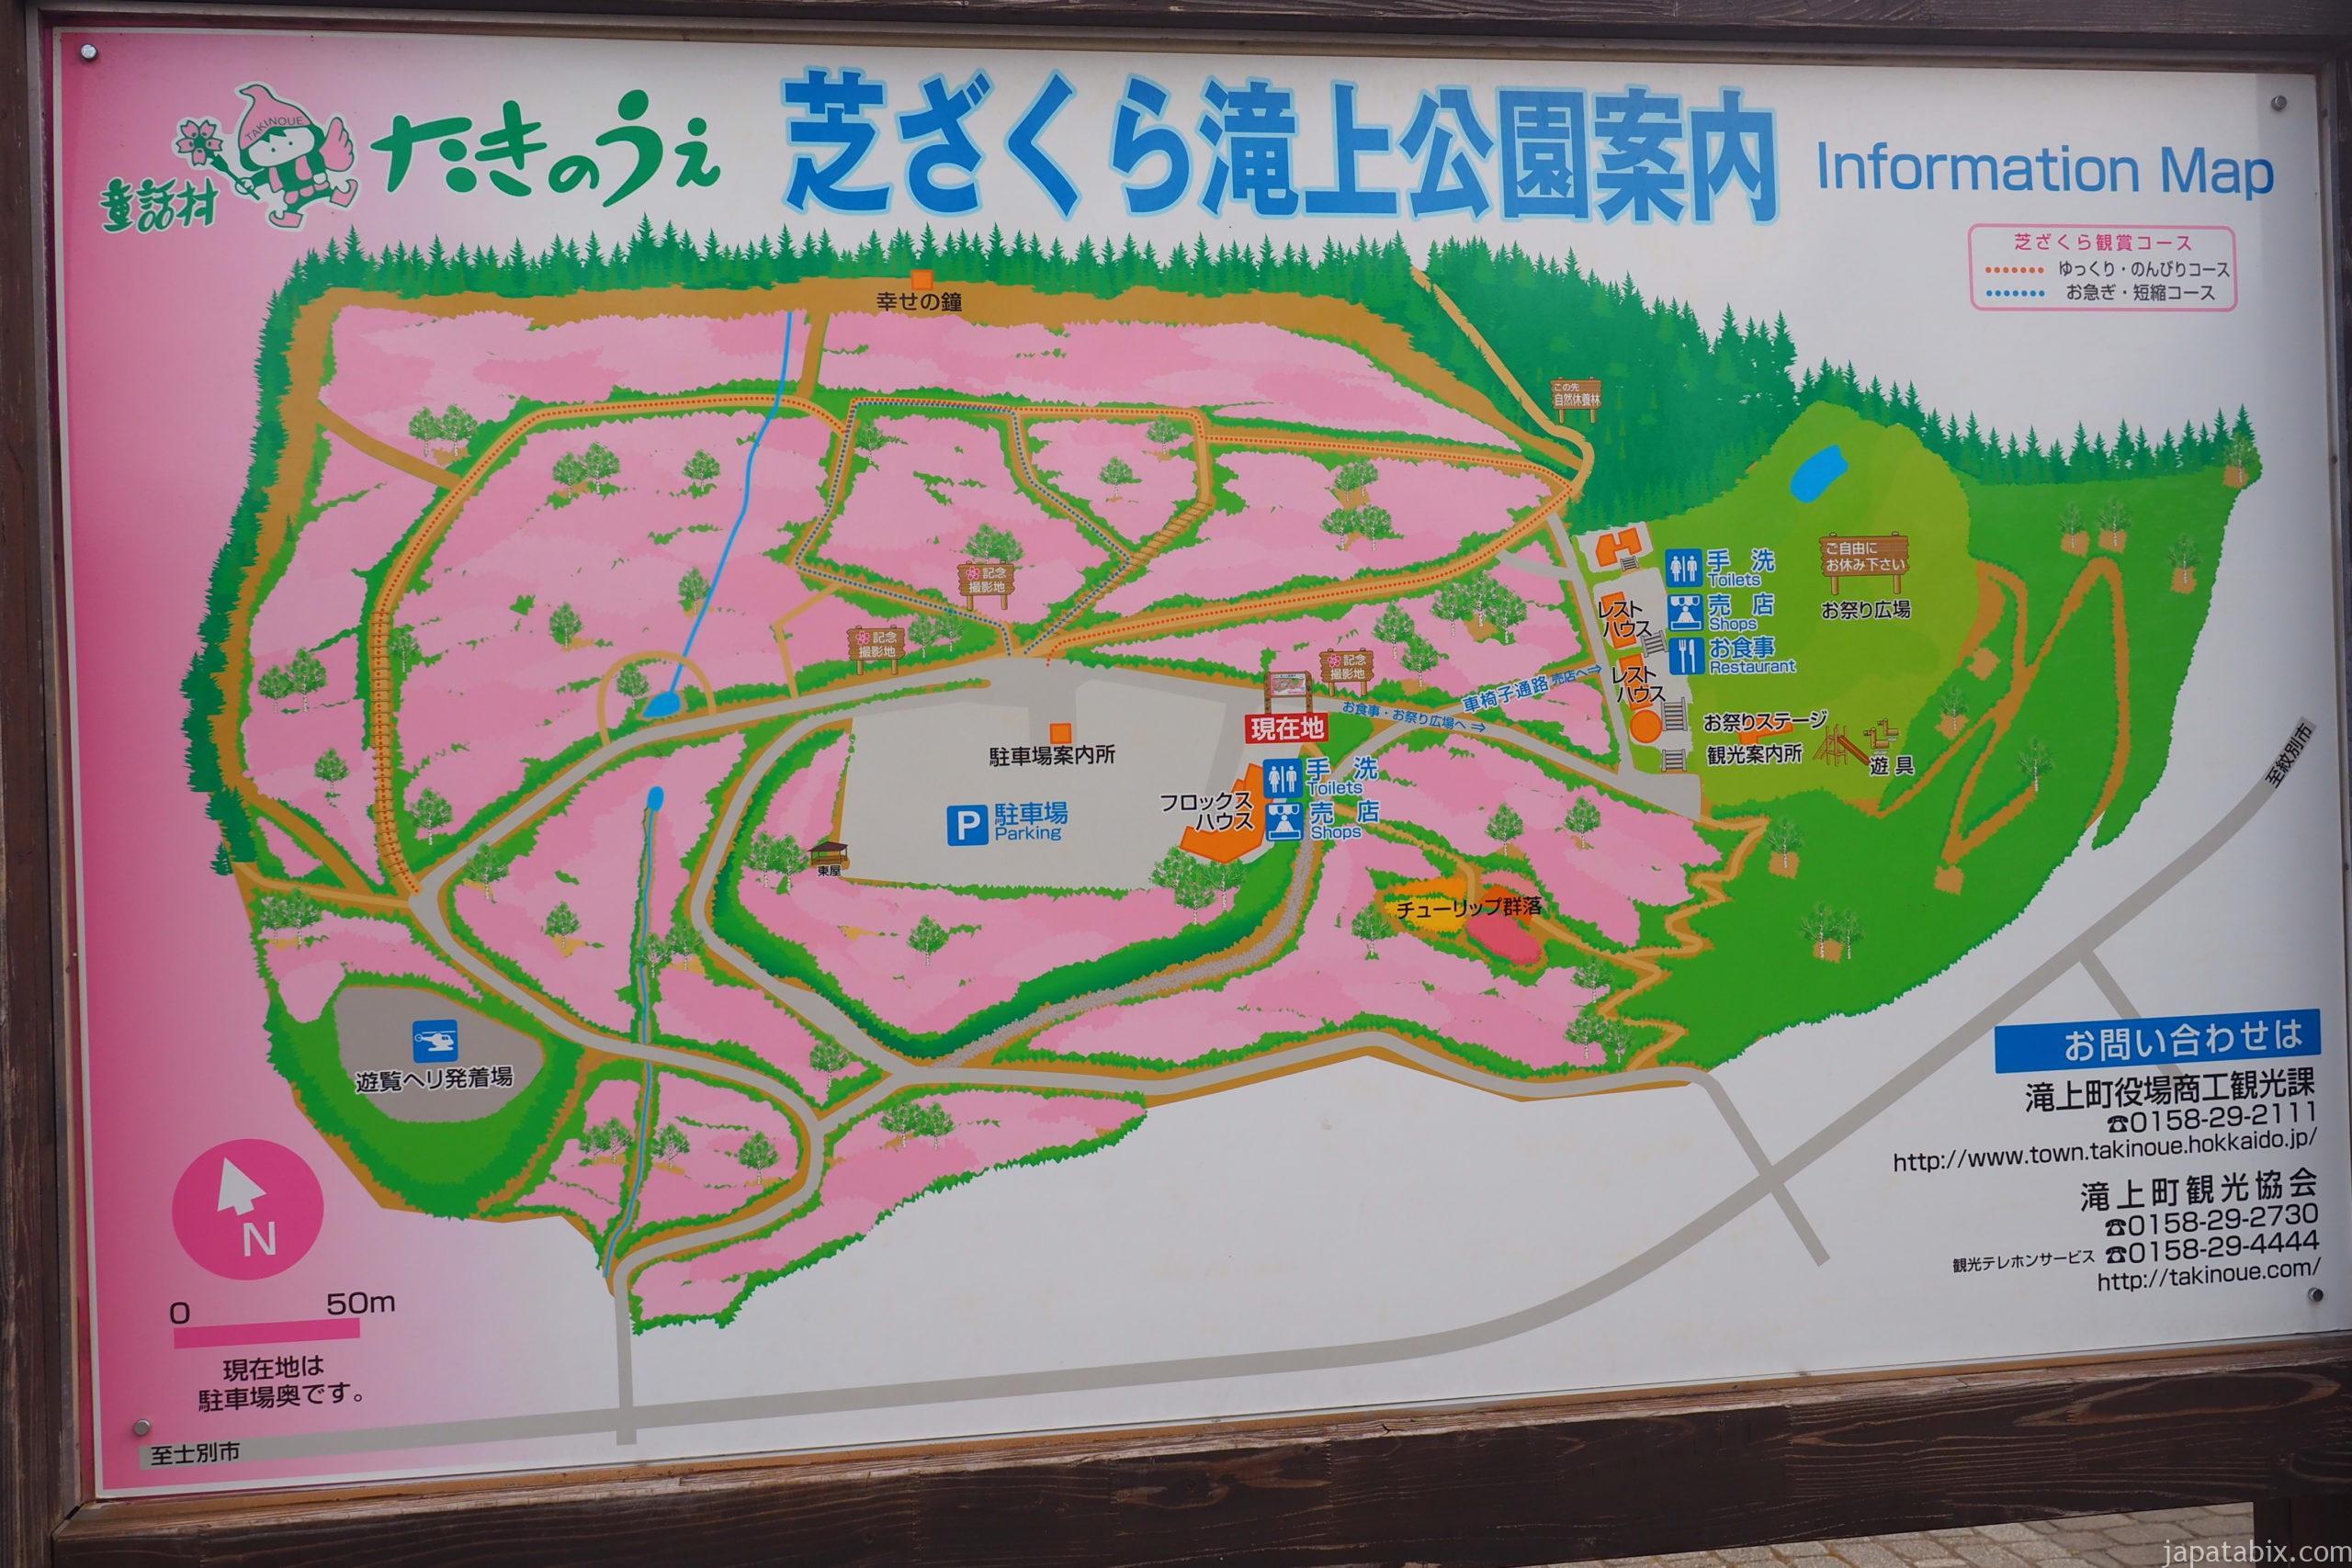 北海道滝上町 芝ざくら滝上公園マップ